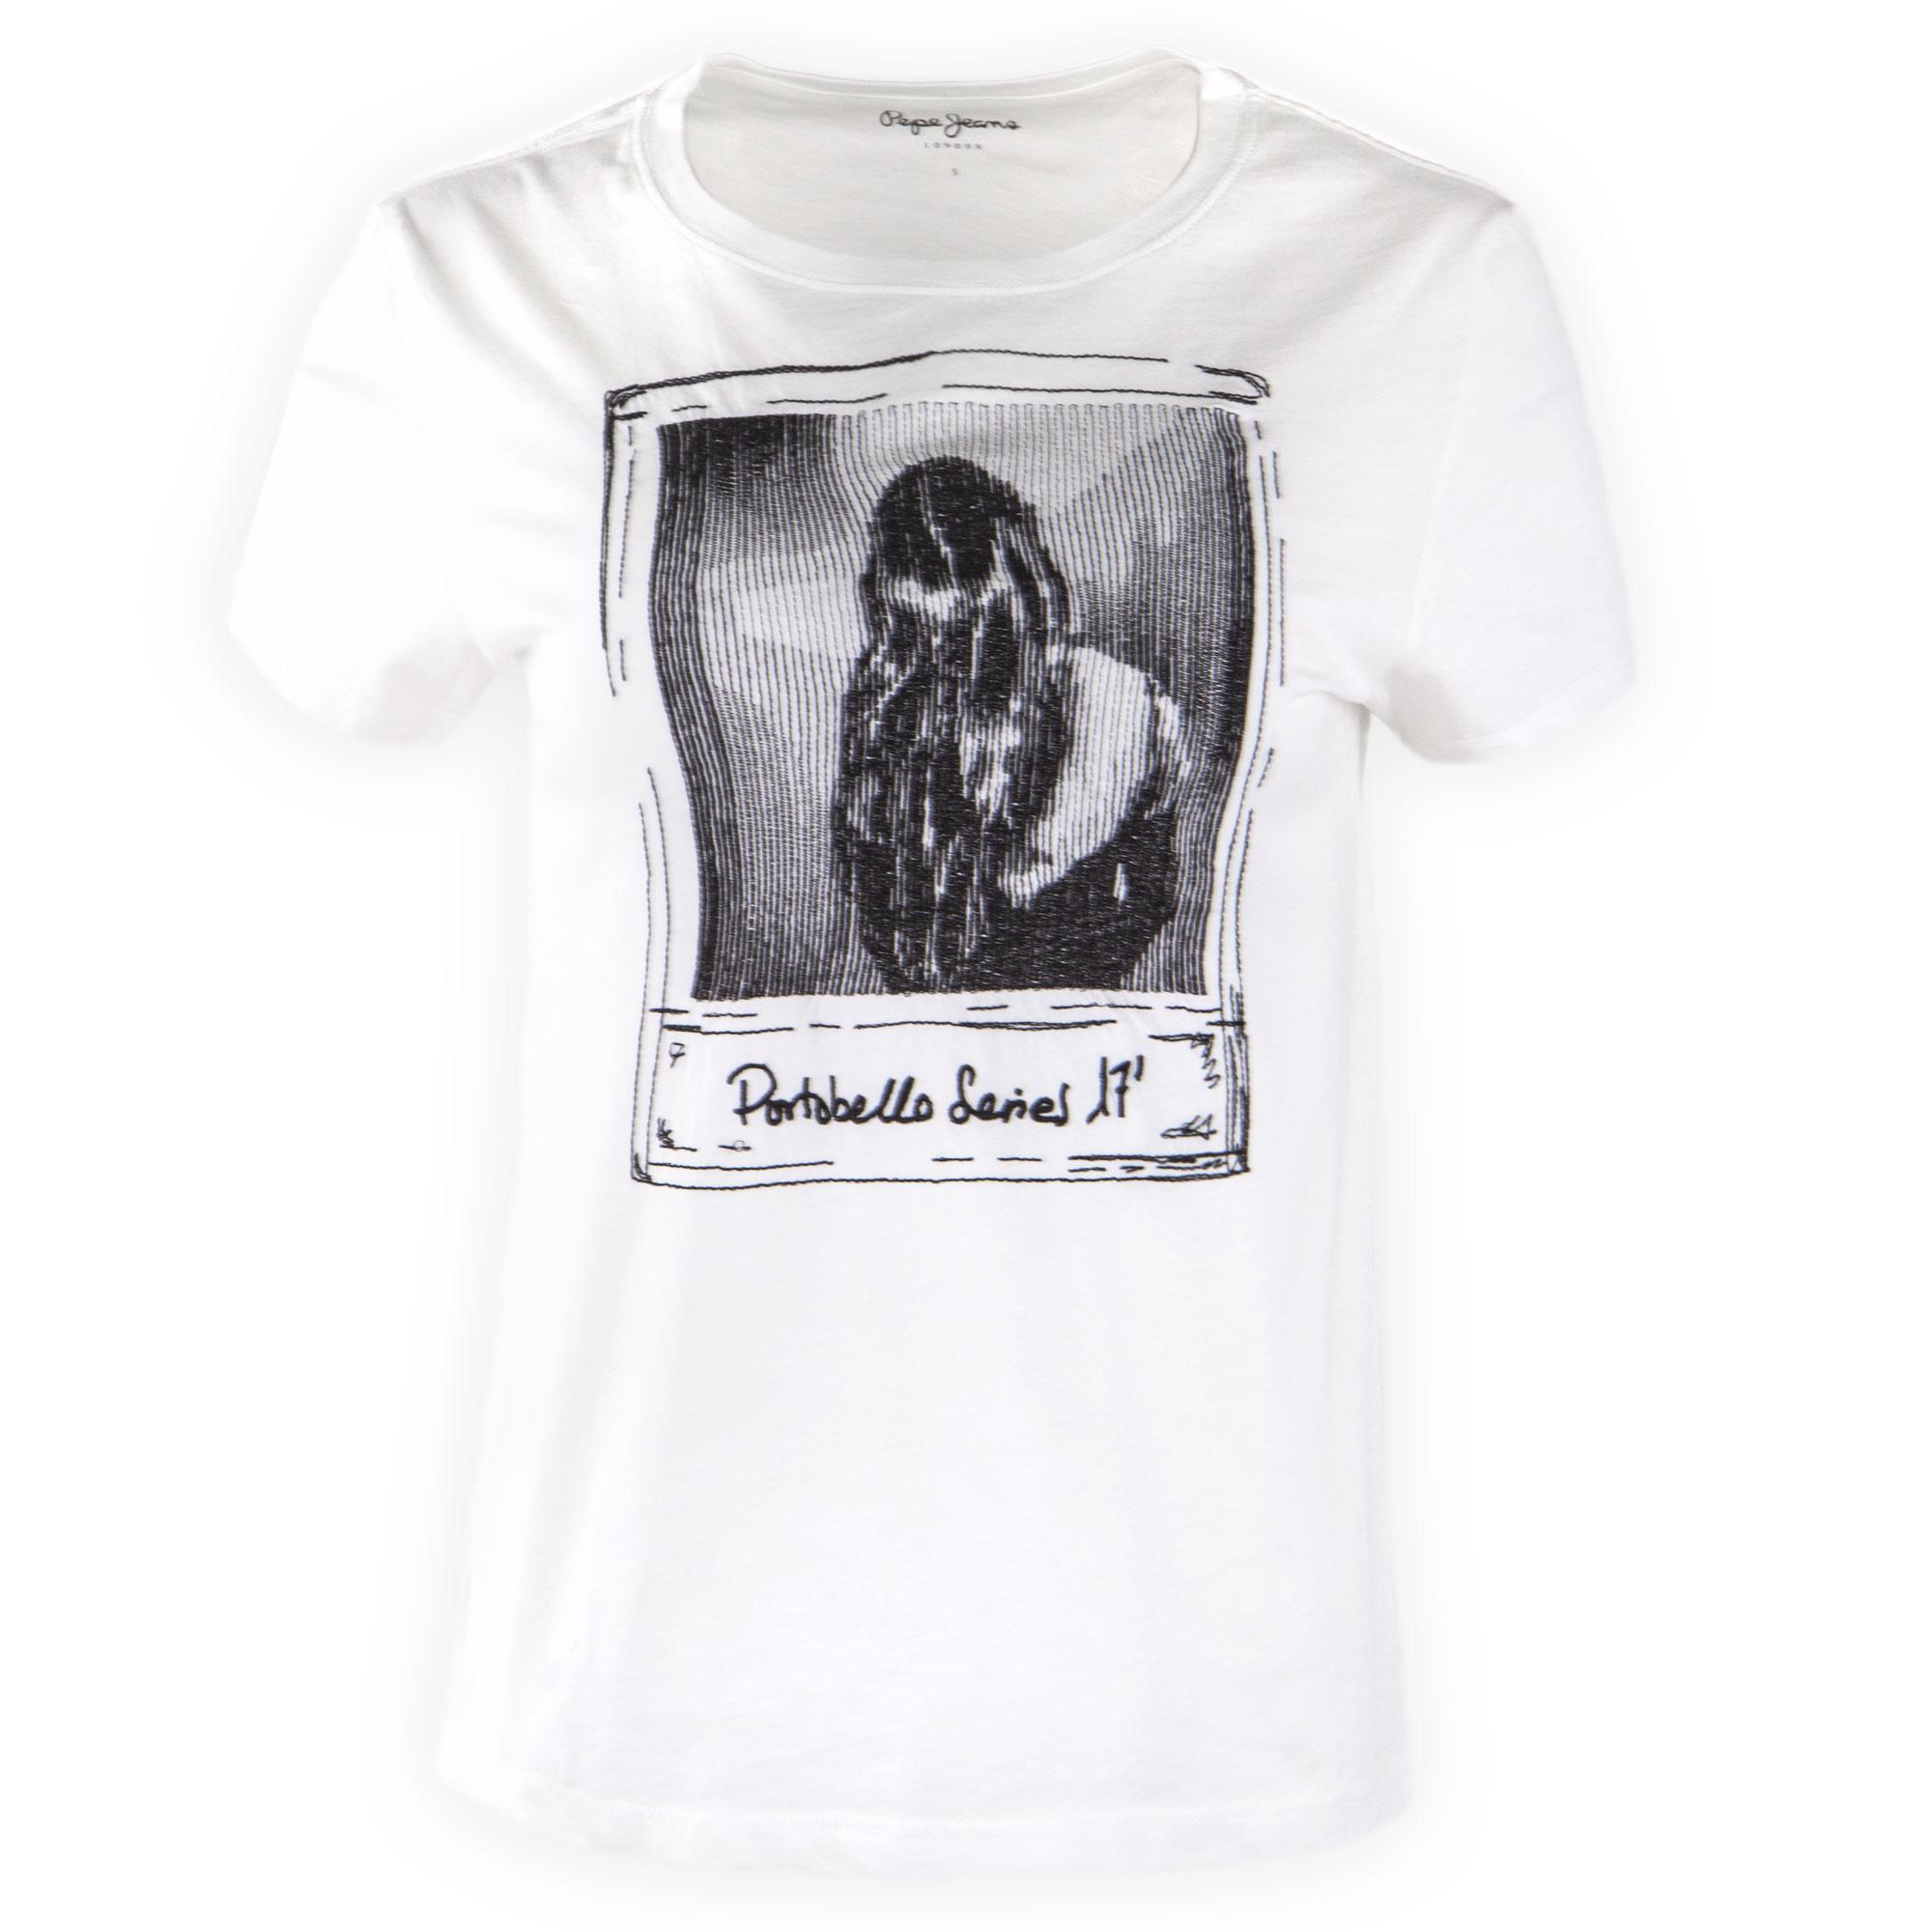 f5b3372fa4a55 ... ce tee shirt imprimé blanc à manches courtes pour femme de la marque  PEPE JEANS à prix dégriffé. Tee shirt Femme 26219 19.99 Degriffstock  in_stock